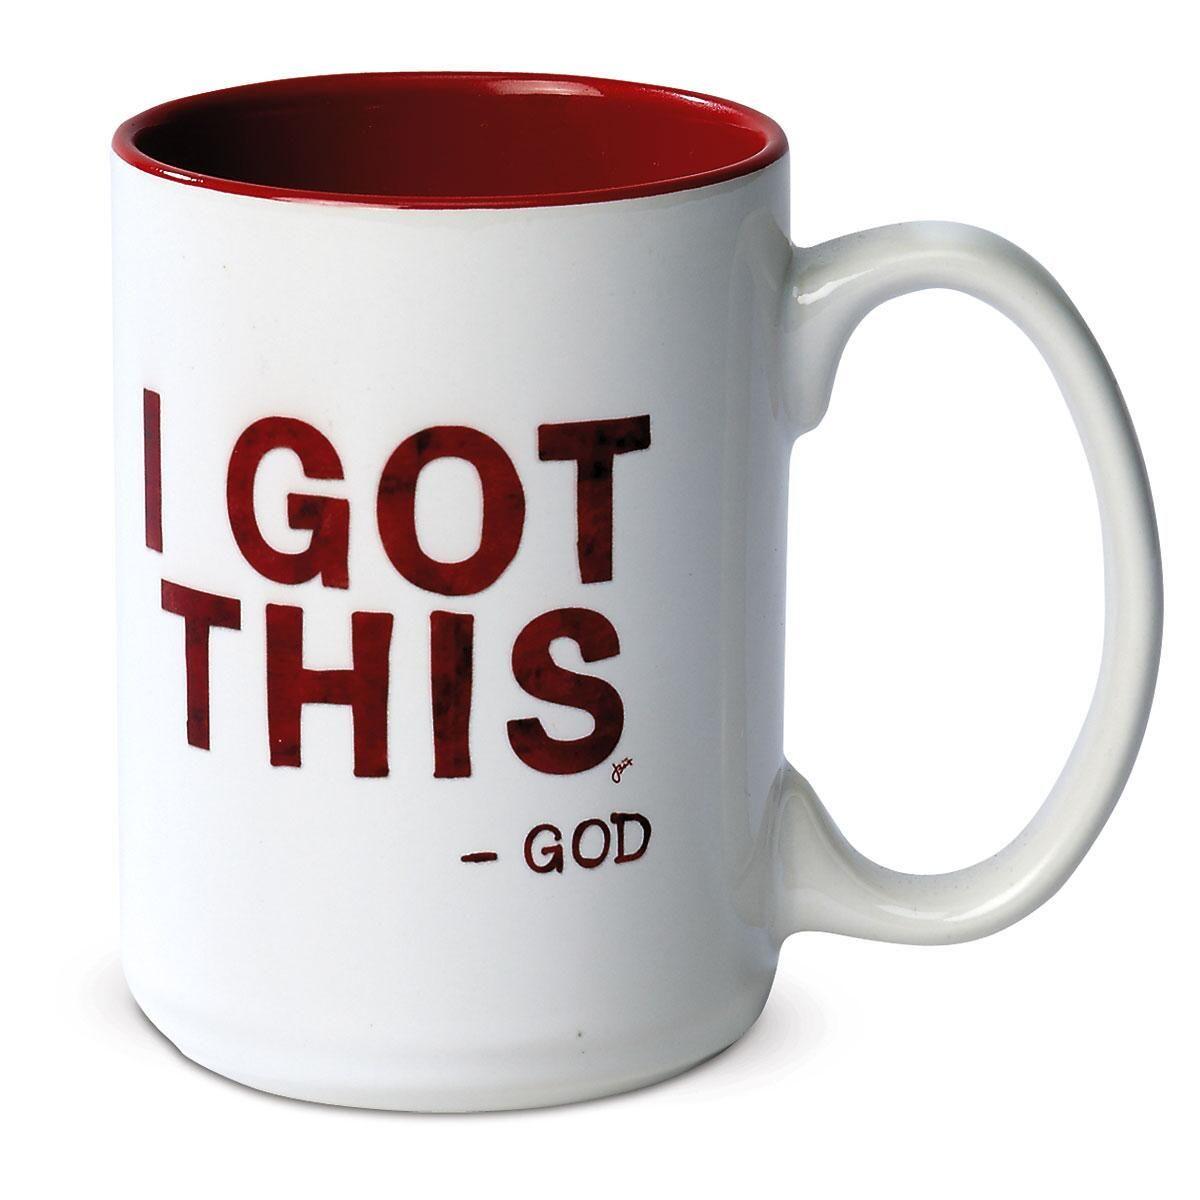 I Got This God Mug